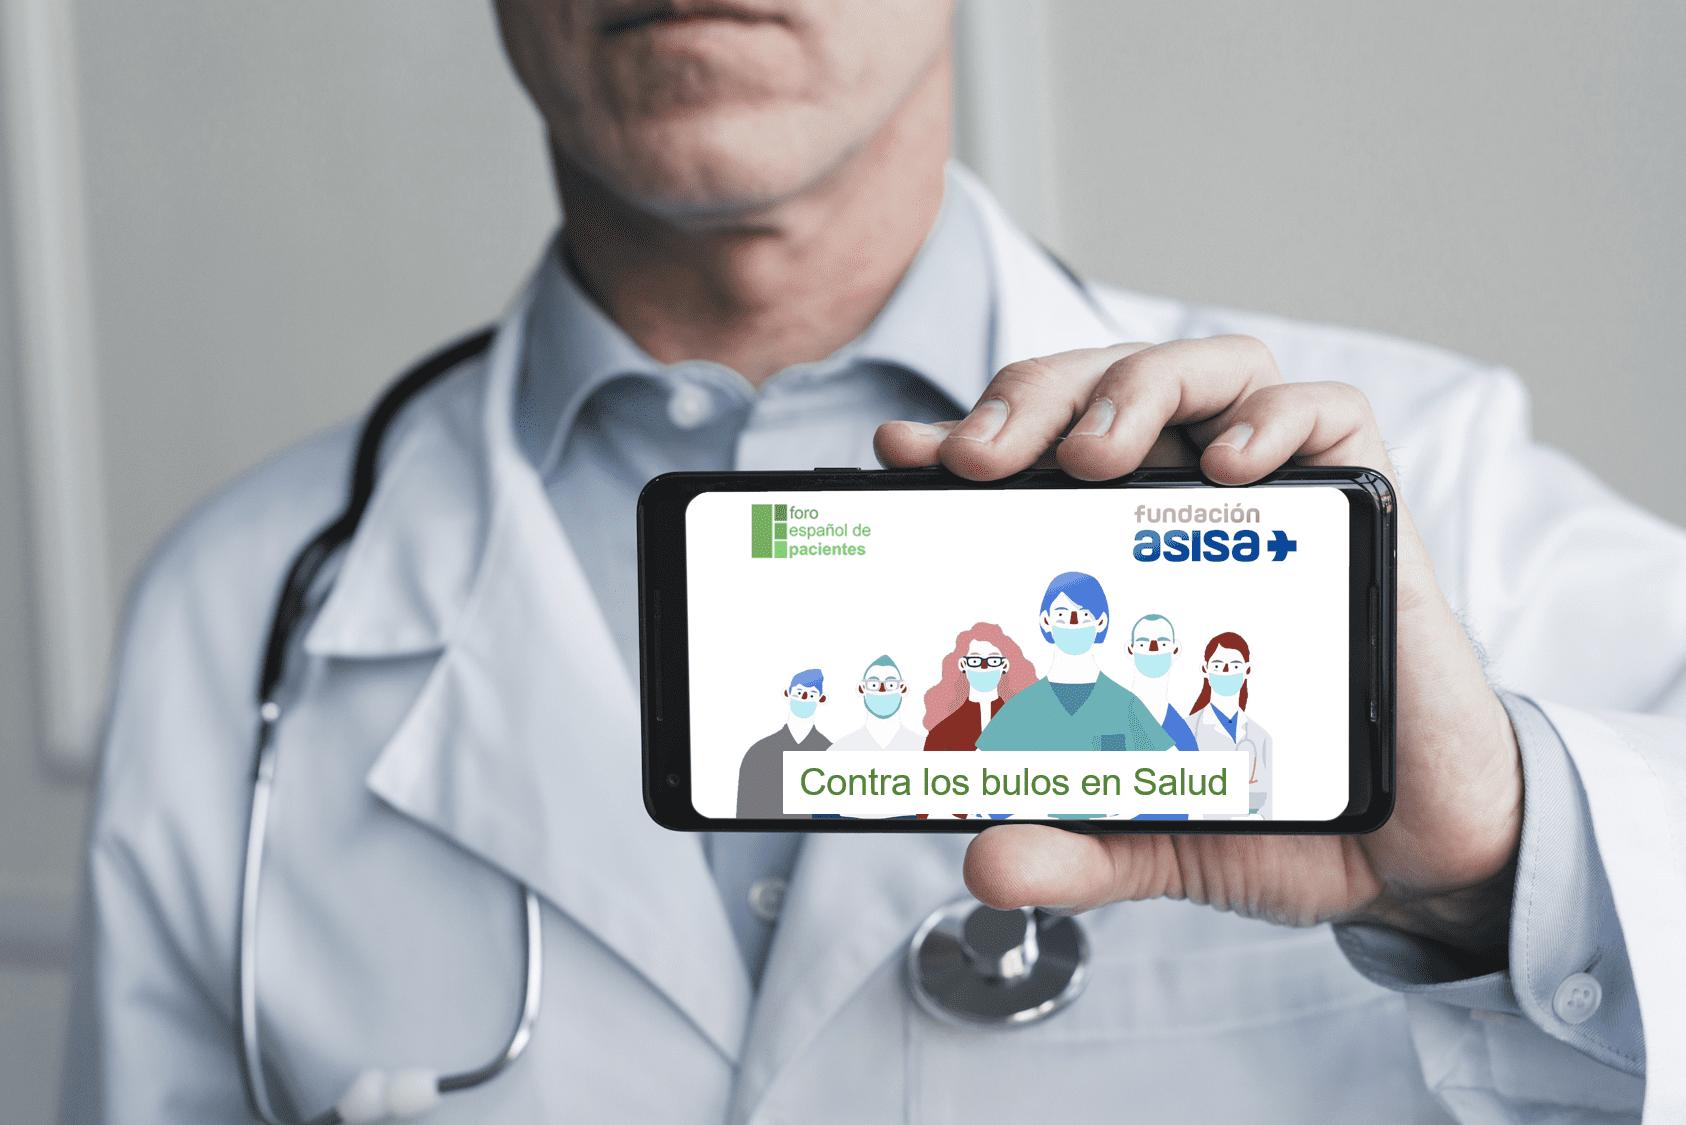 Fundacion ASISA y FEP contra los bulos en salud